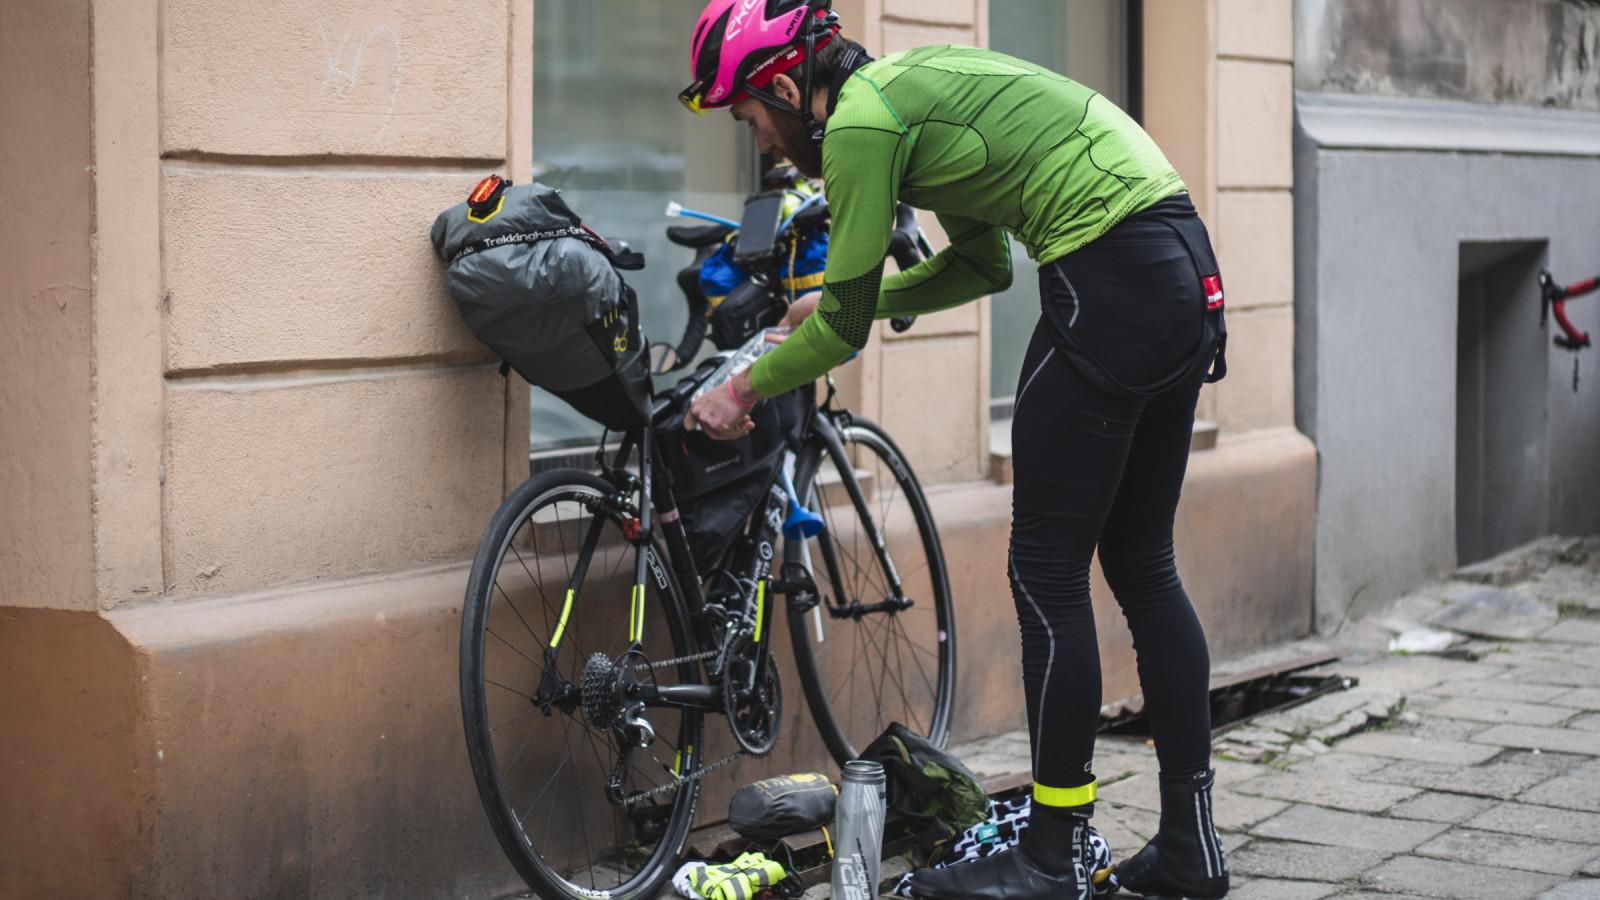 Bikes of Race Through Poland